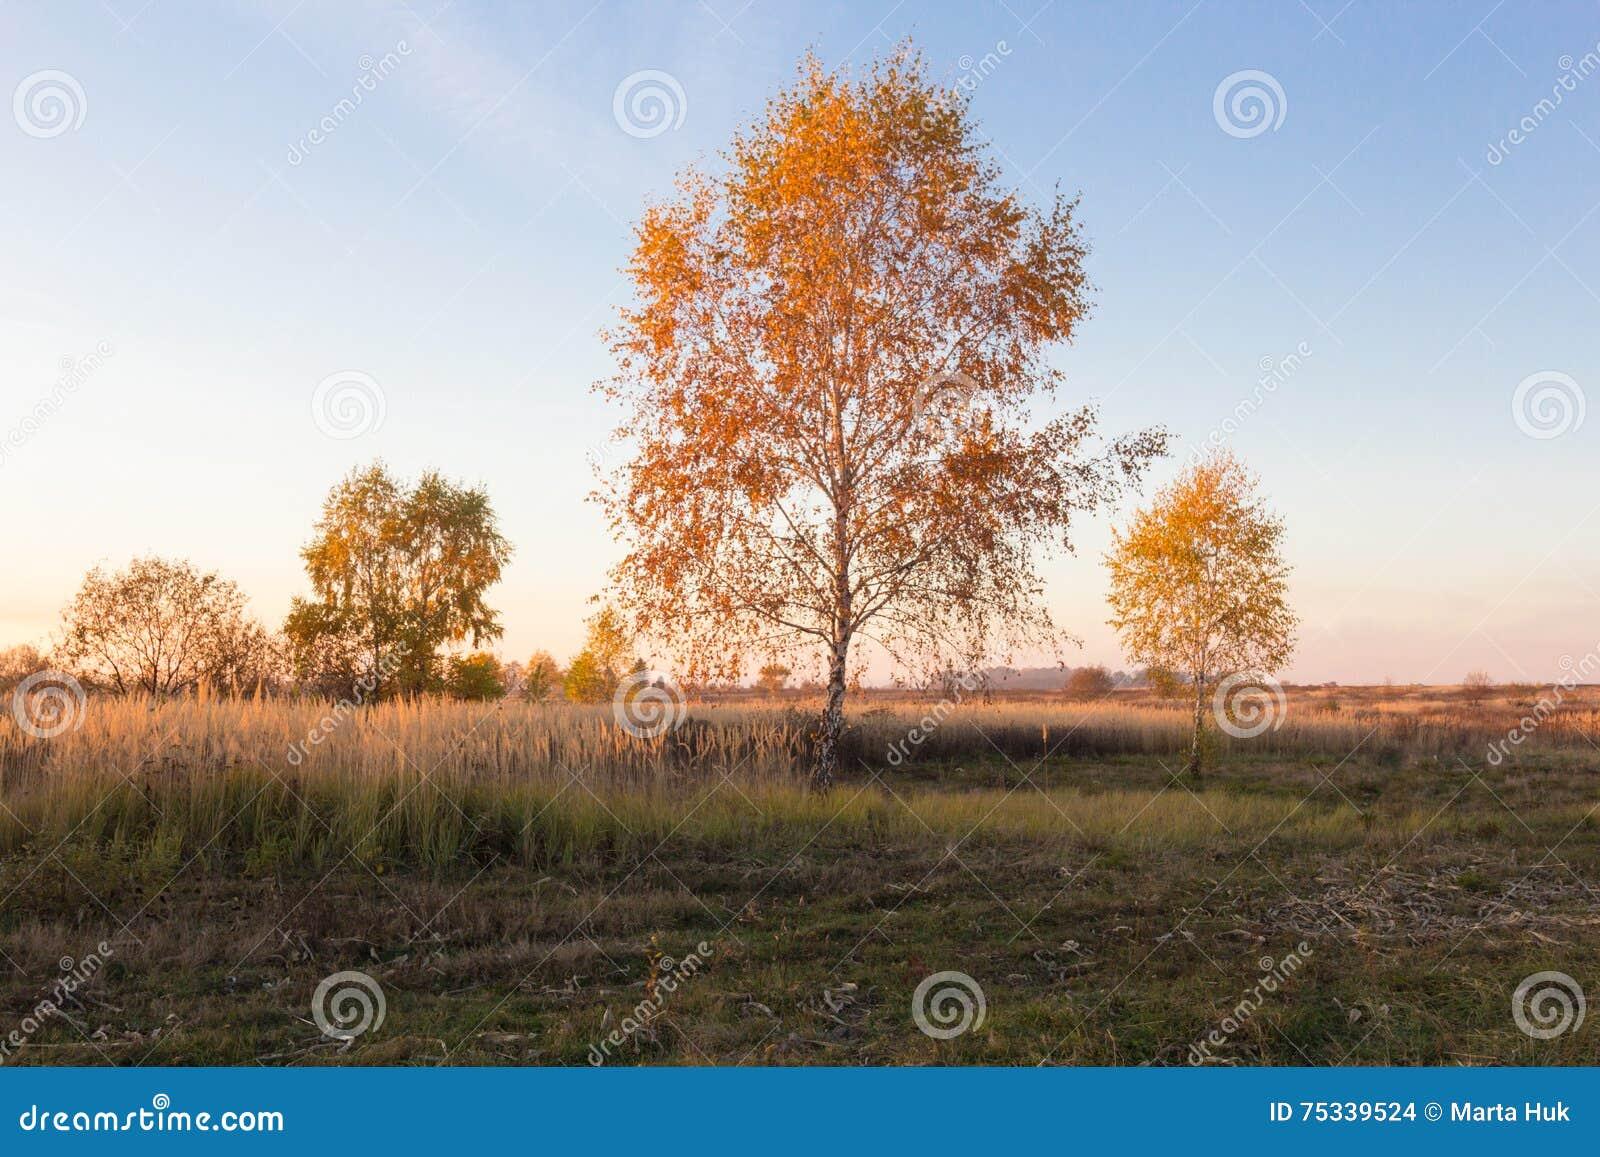 Krajobraz jesieni drzewa z kolorem żółtym i pomarańcze opuszcza w polu